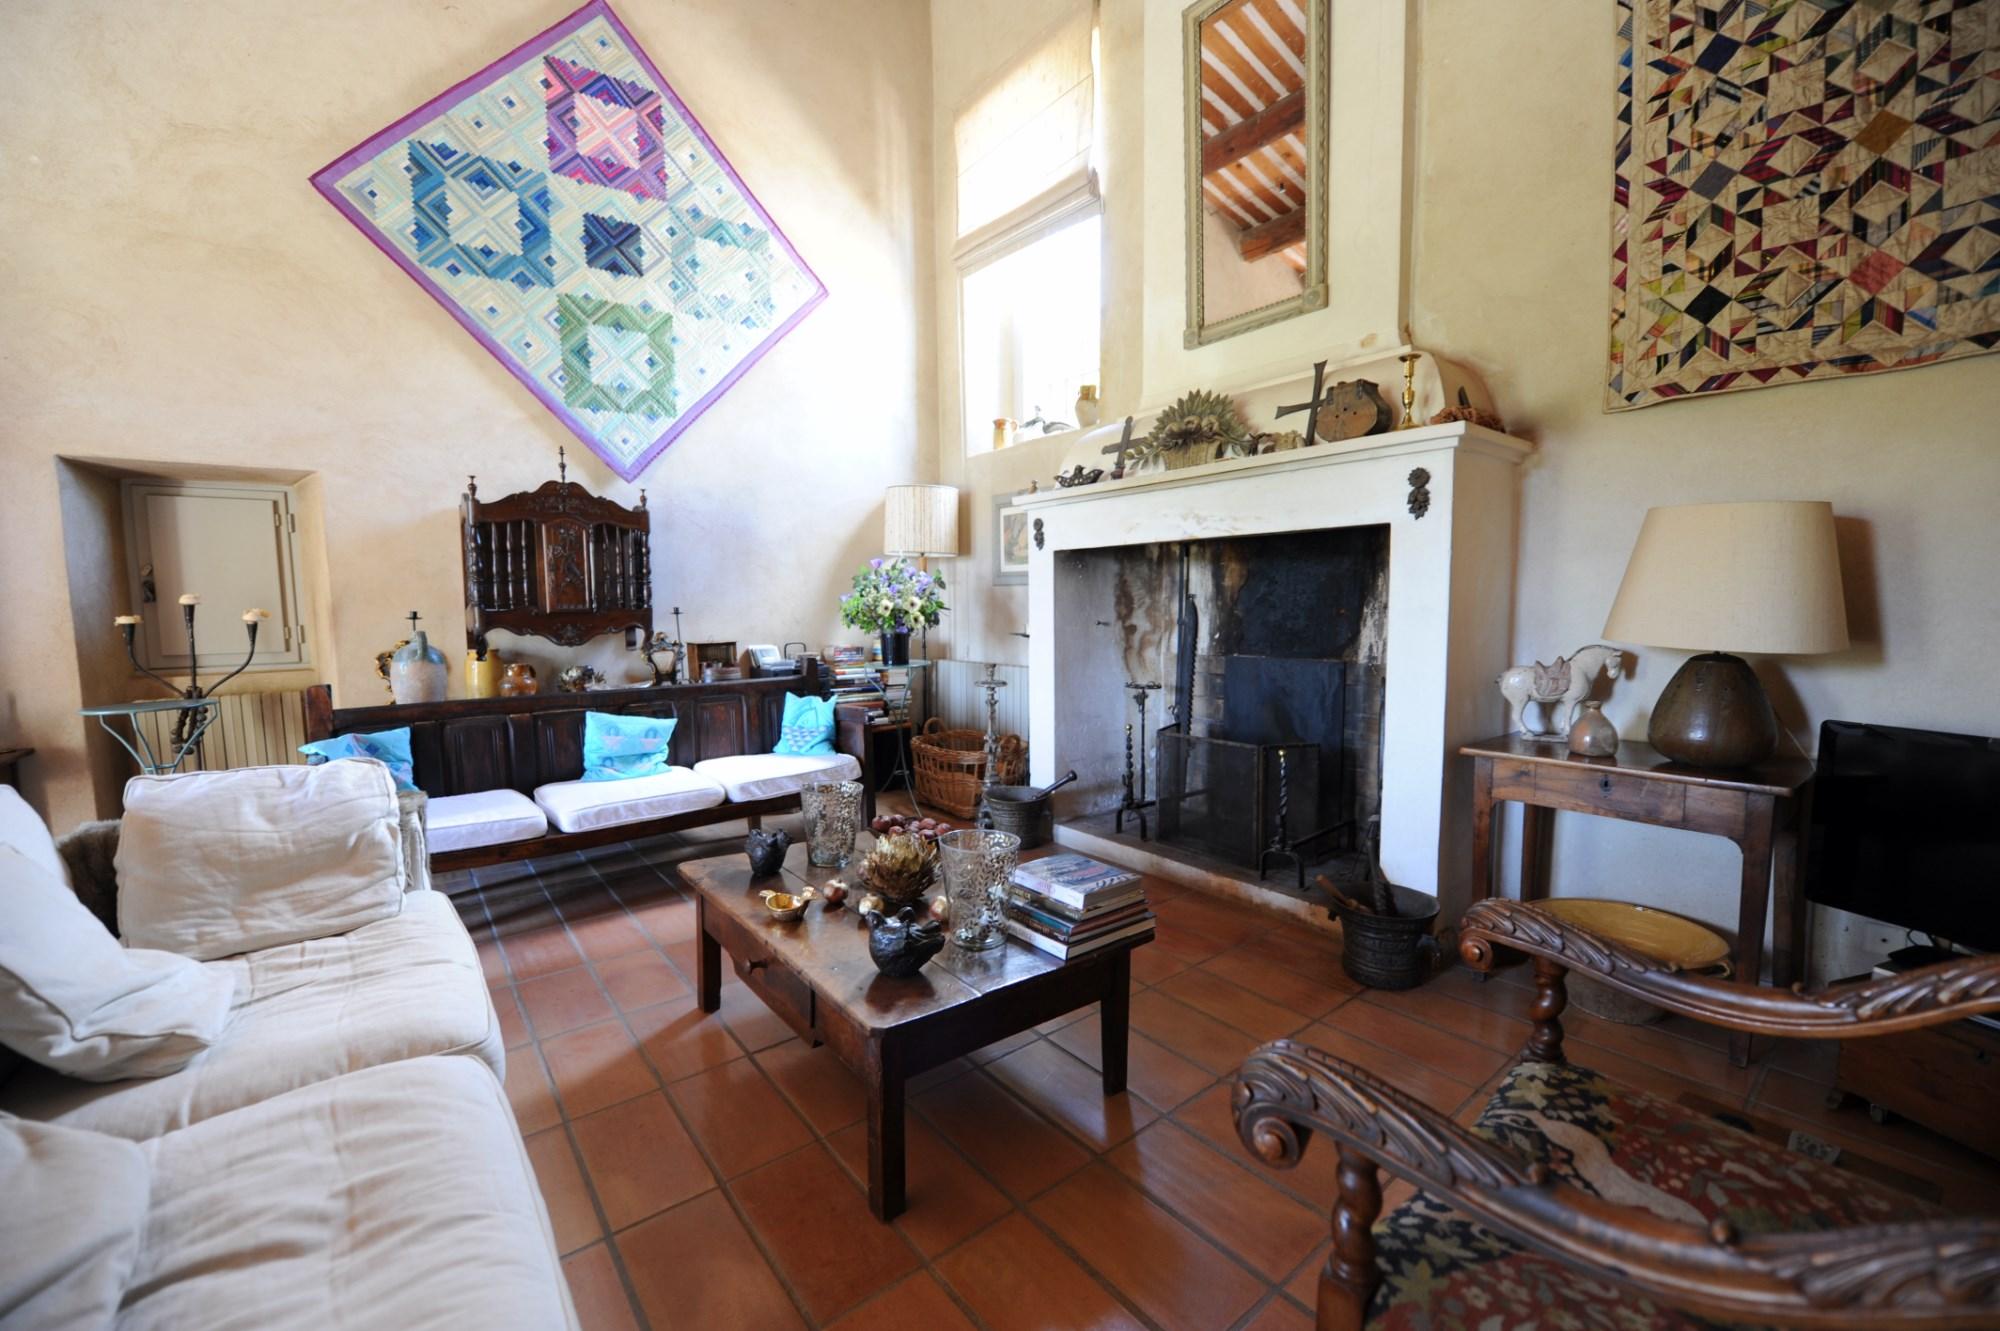 A vendre, en Luberon, agréable maison de hameau avec piscine